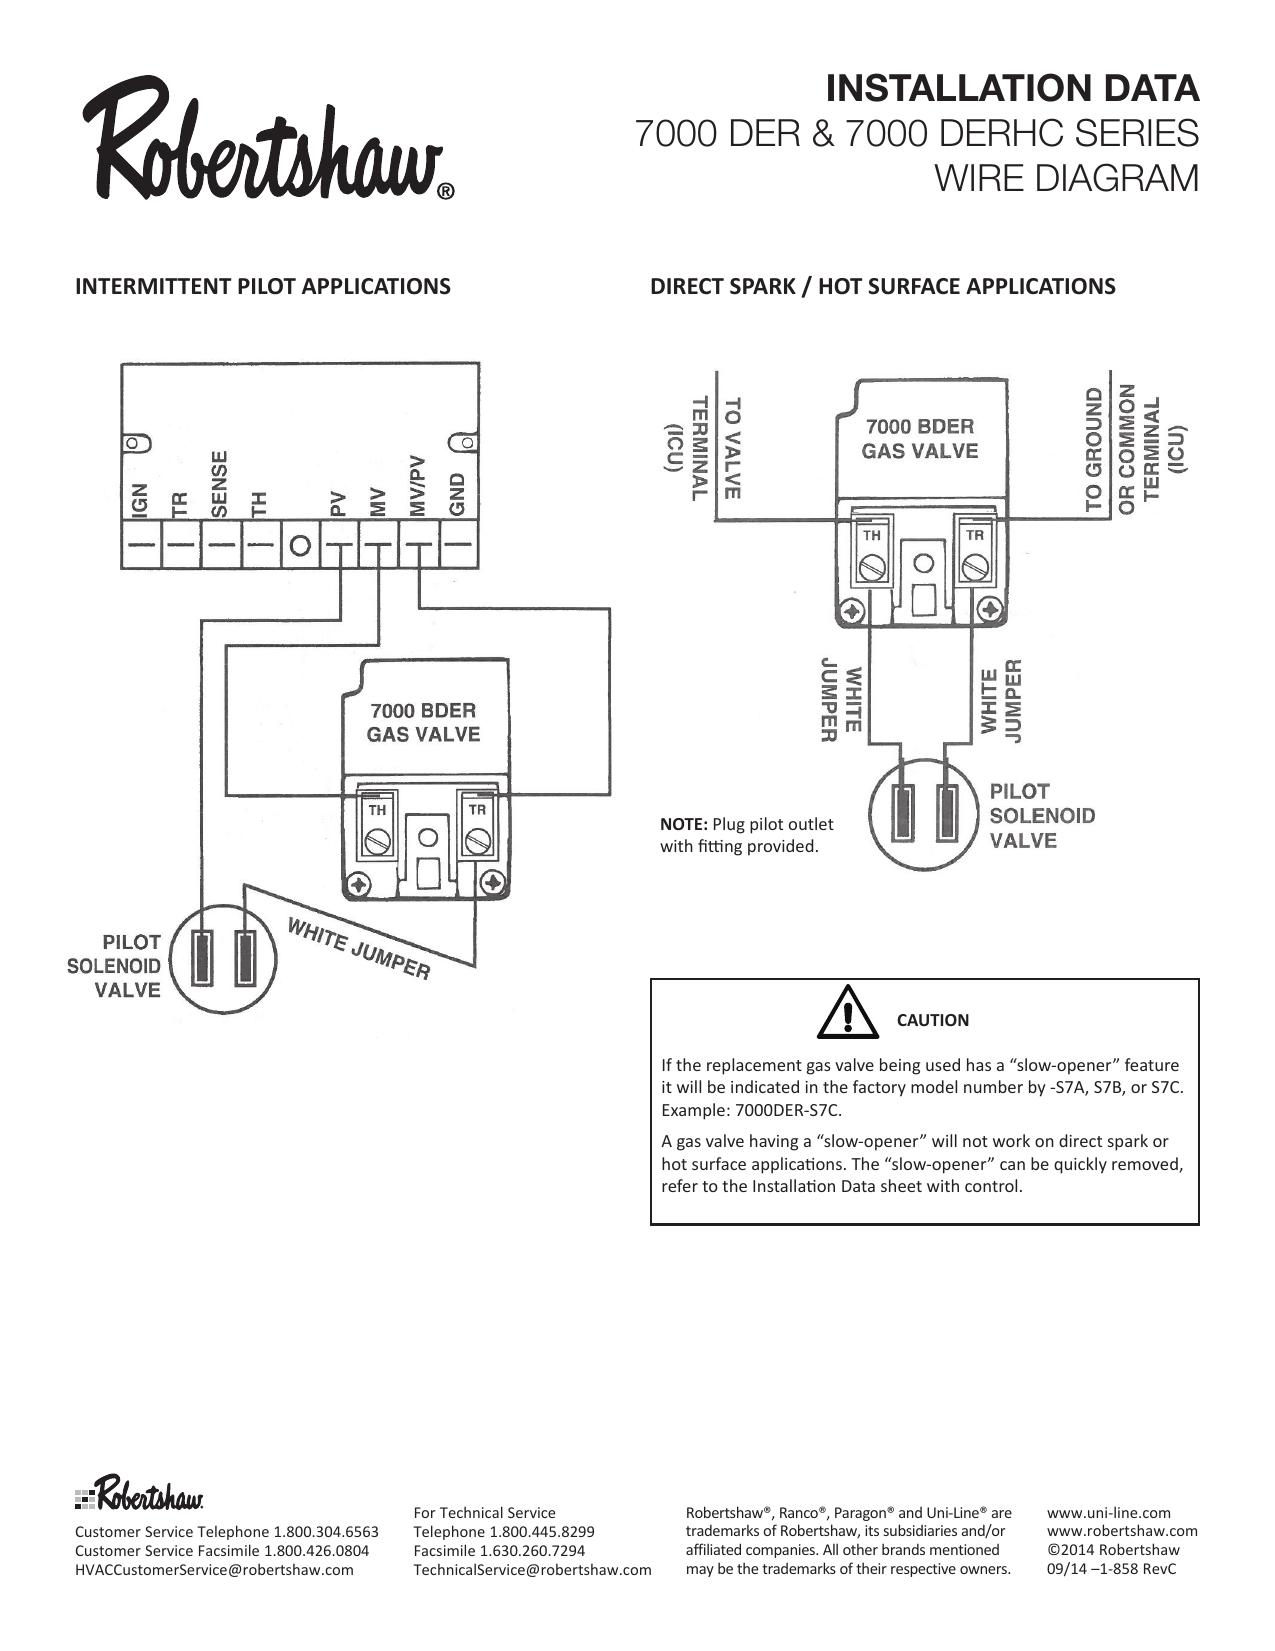 Robertshaw 7000 DER & 7000 DERHC Series Wire Diagram User manual | ManualzzManualzz